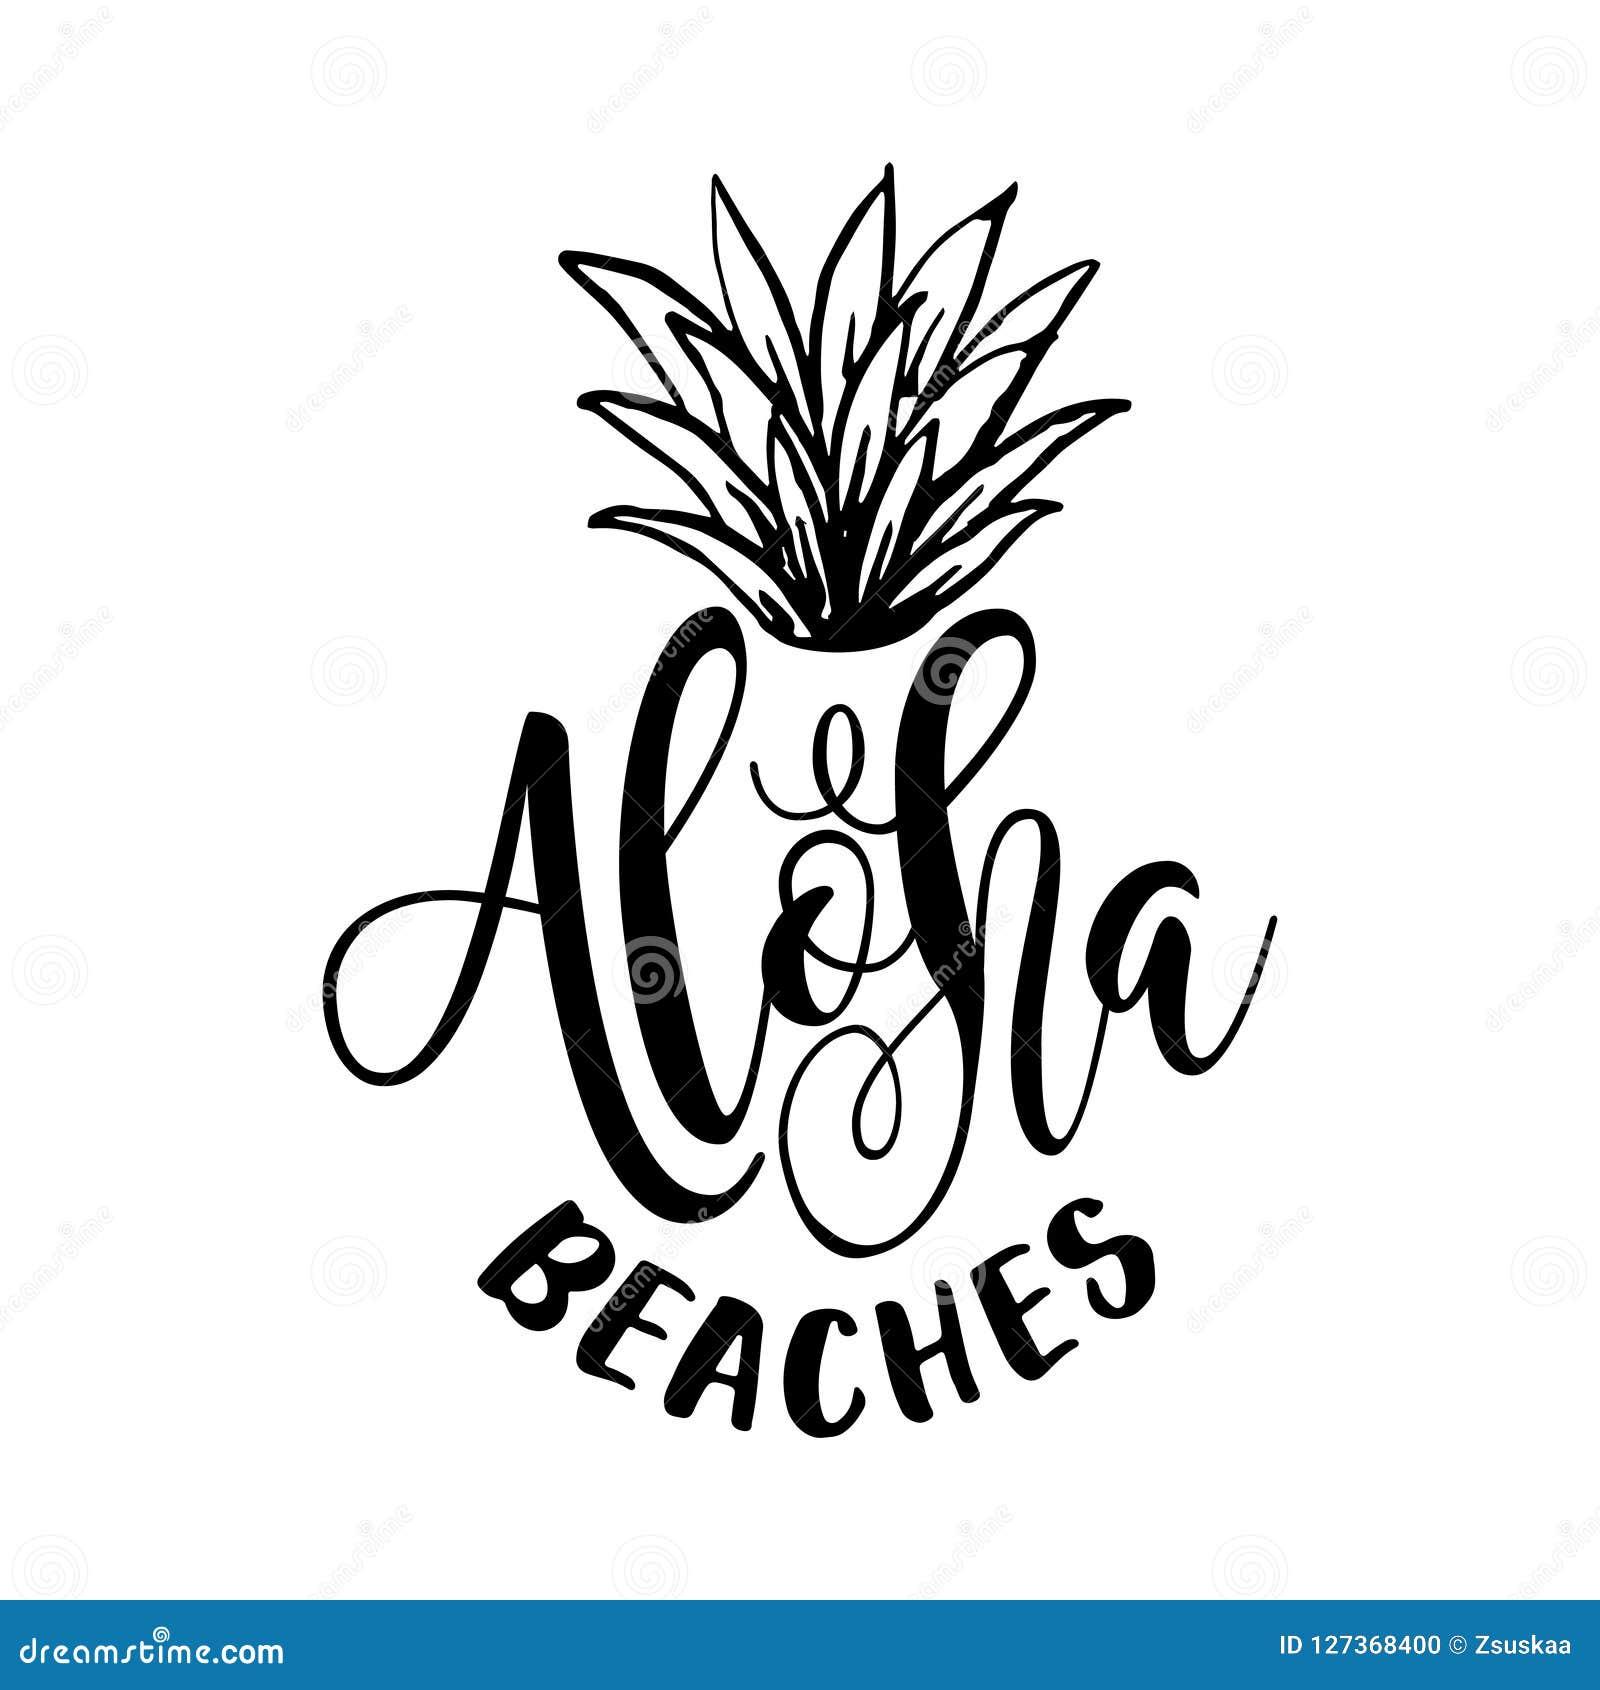 Aloha beaches - funny typography quote